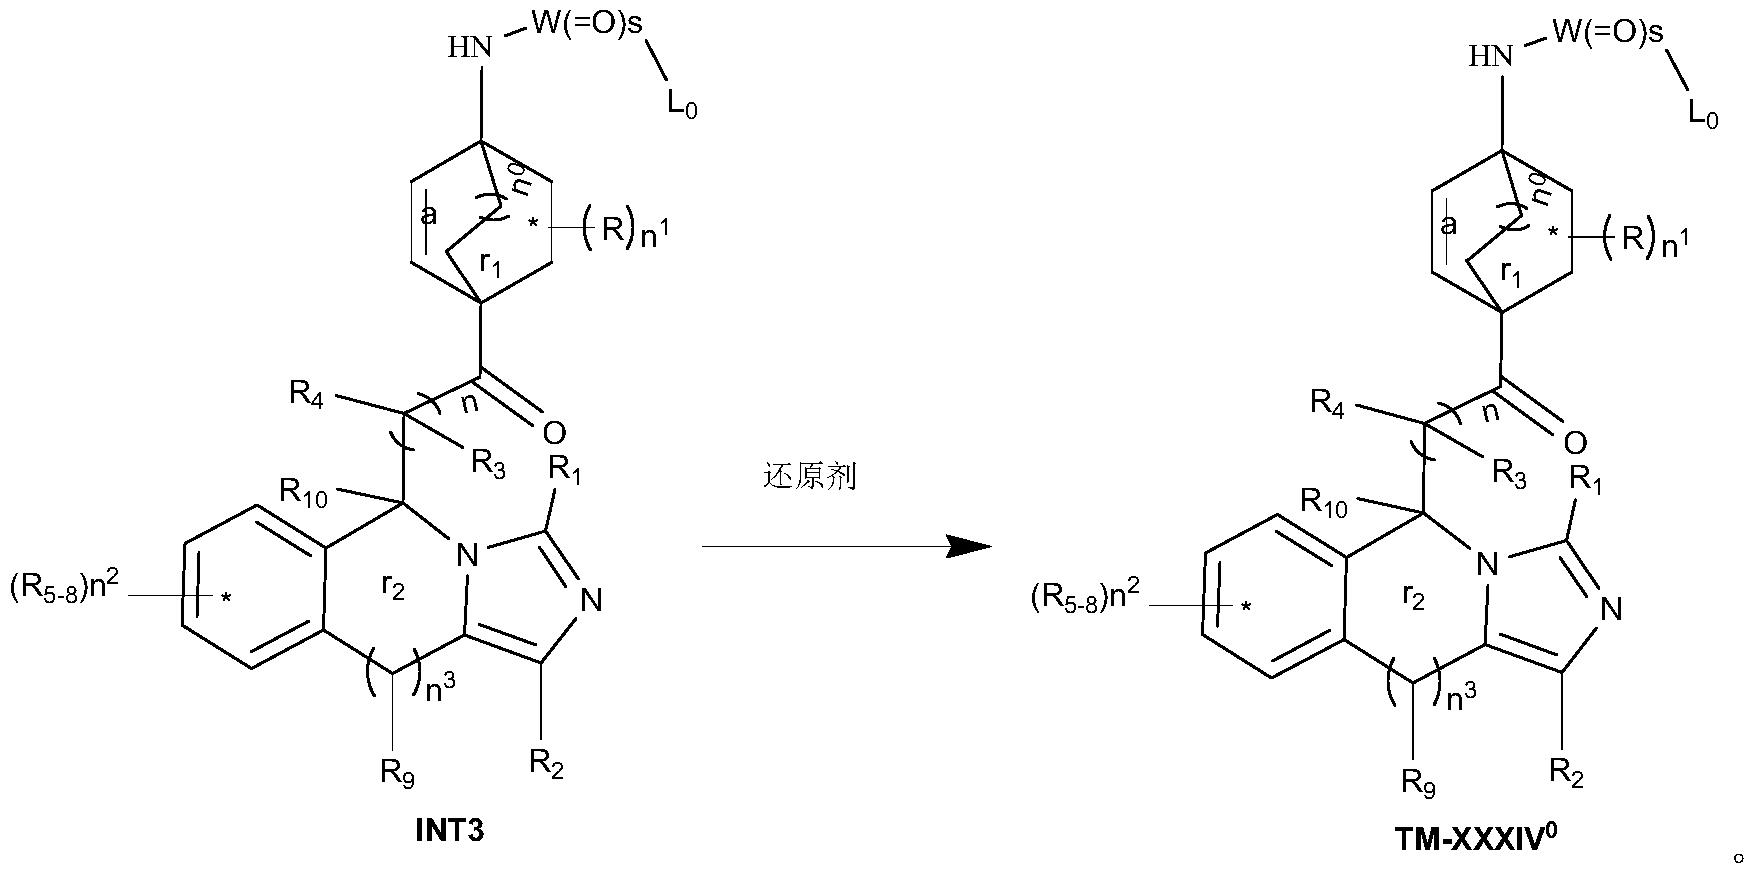 Figure PCTCN2017084604-appb-100047